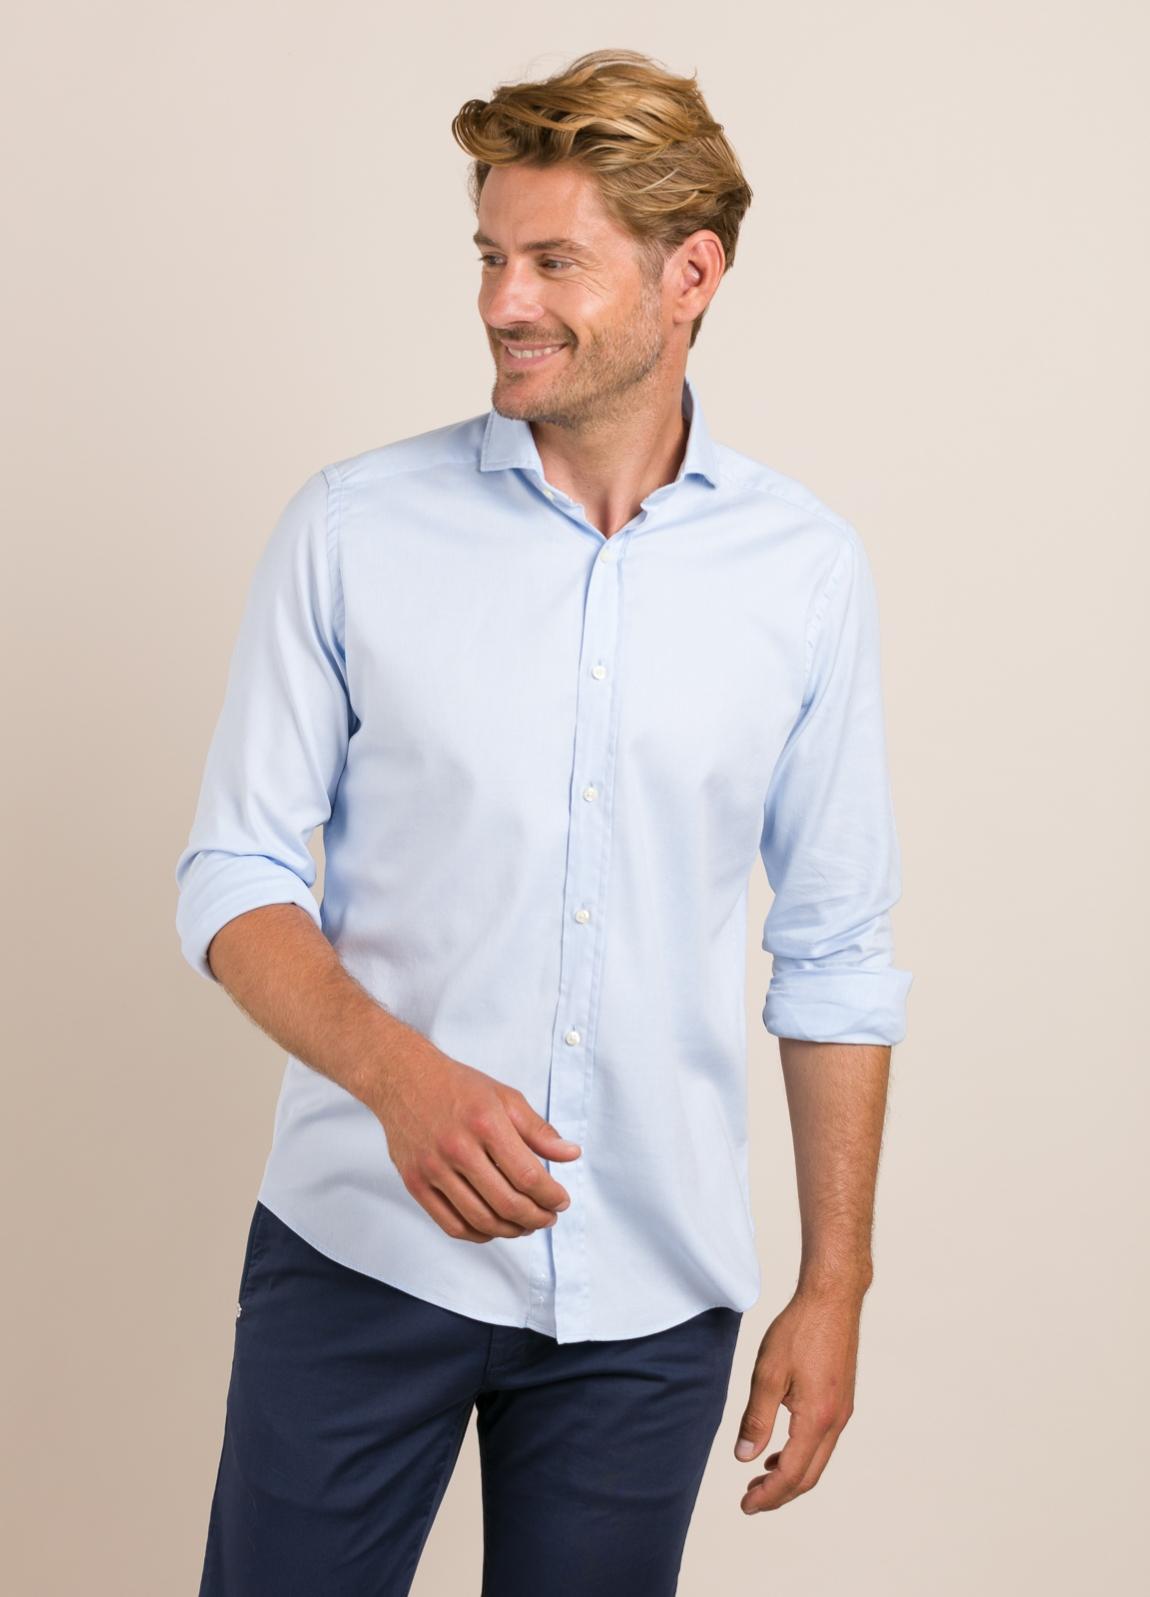 Camisa Casual Wear FUREST COLECCIÓN slim fit.